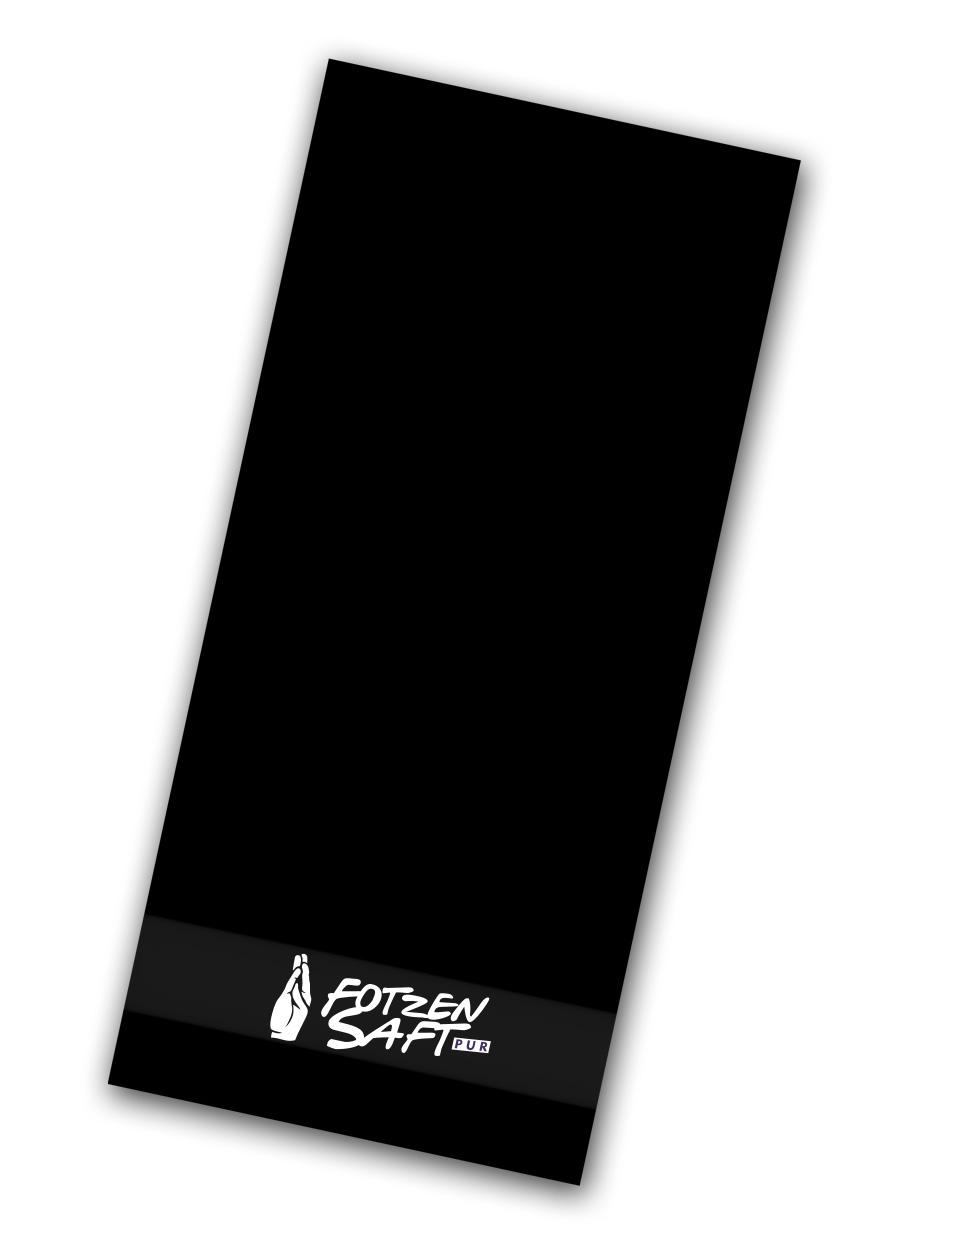 Fotzensaft Handtuch - 3er Bundle weiß auf schwarz